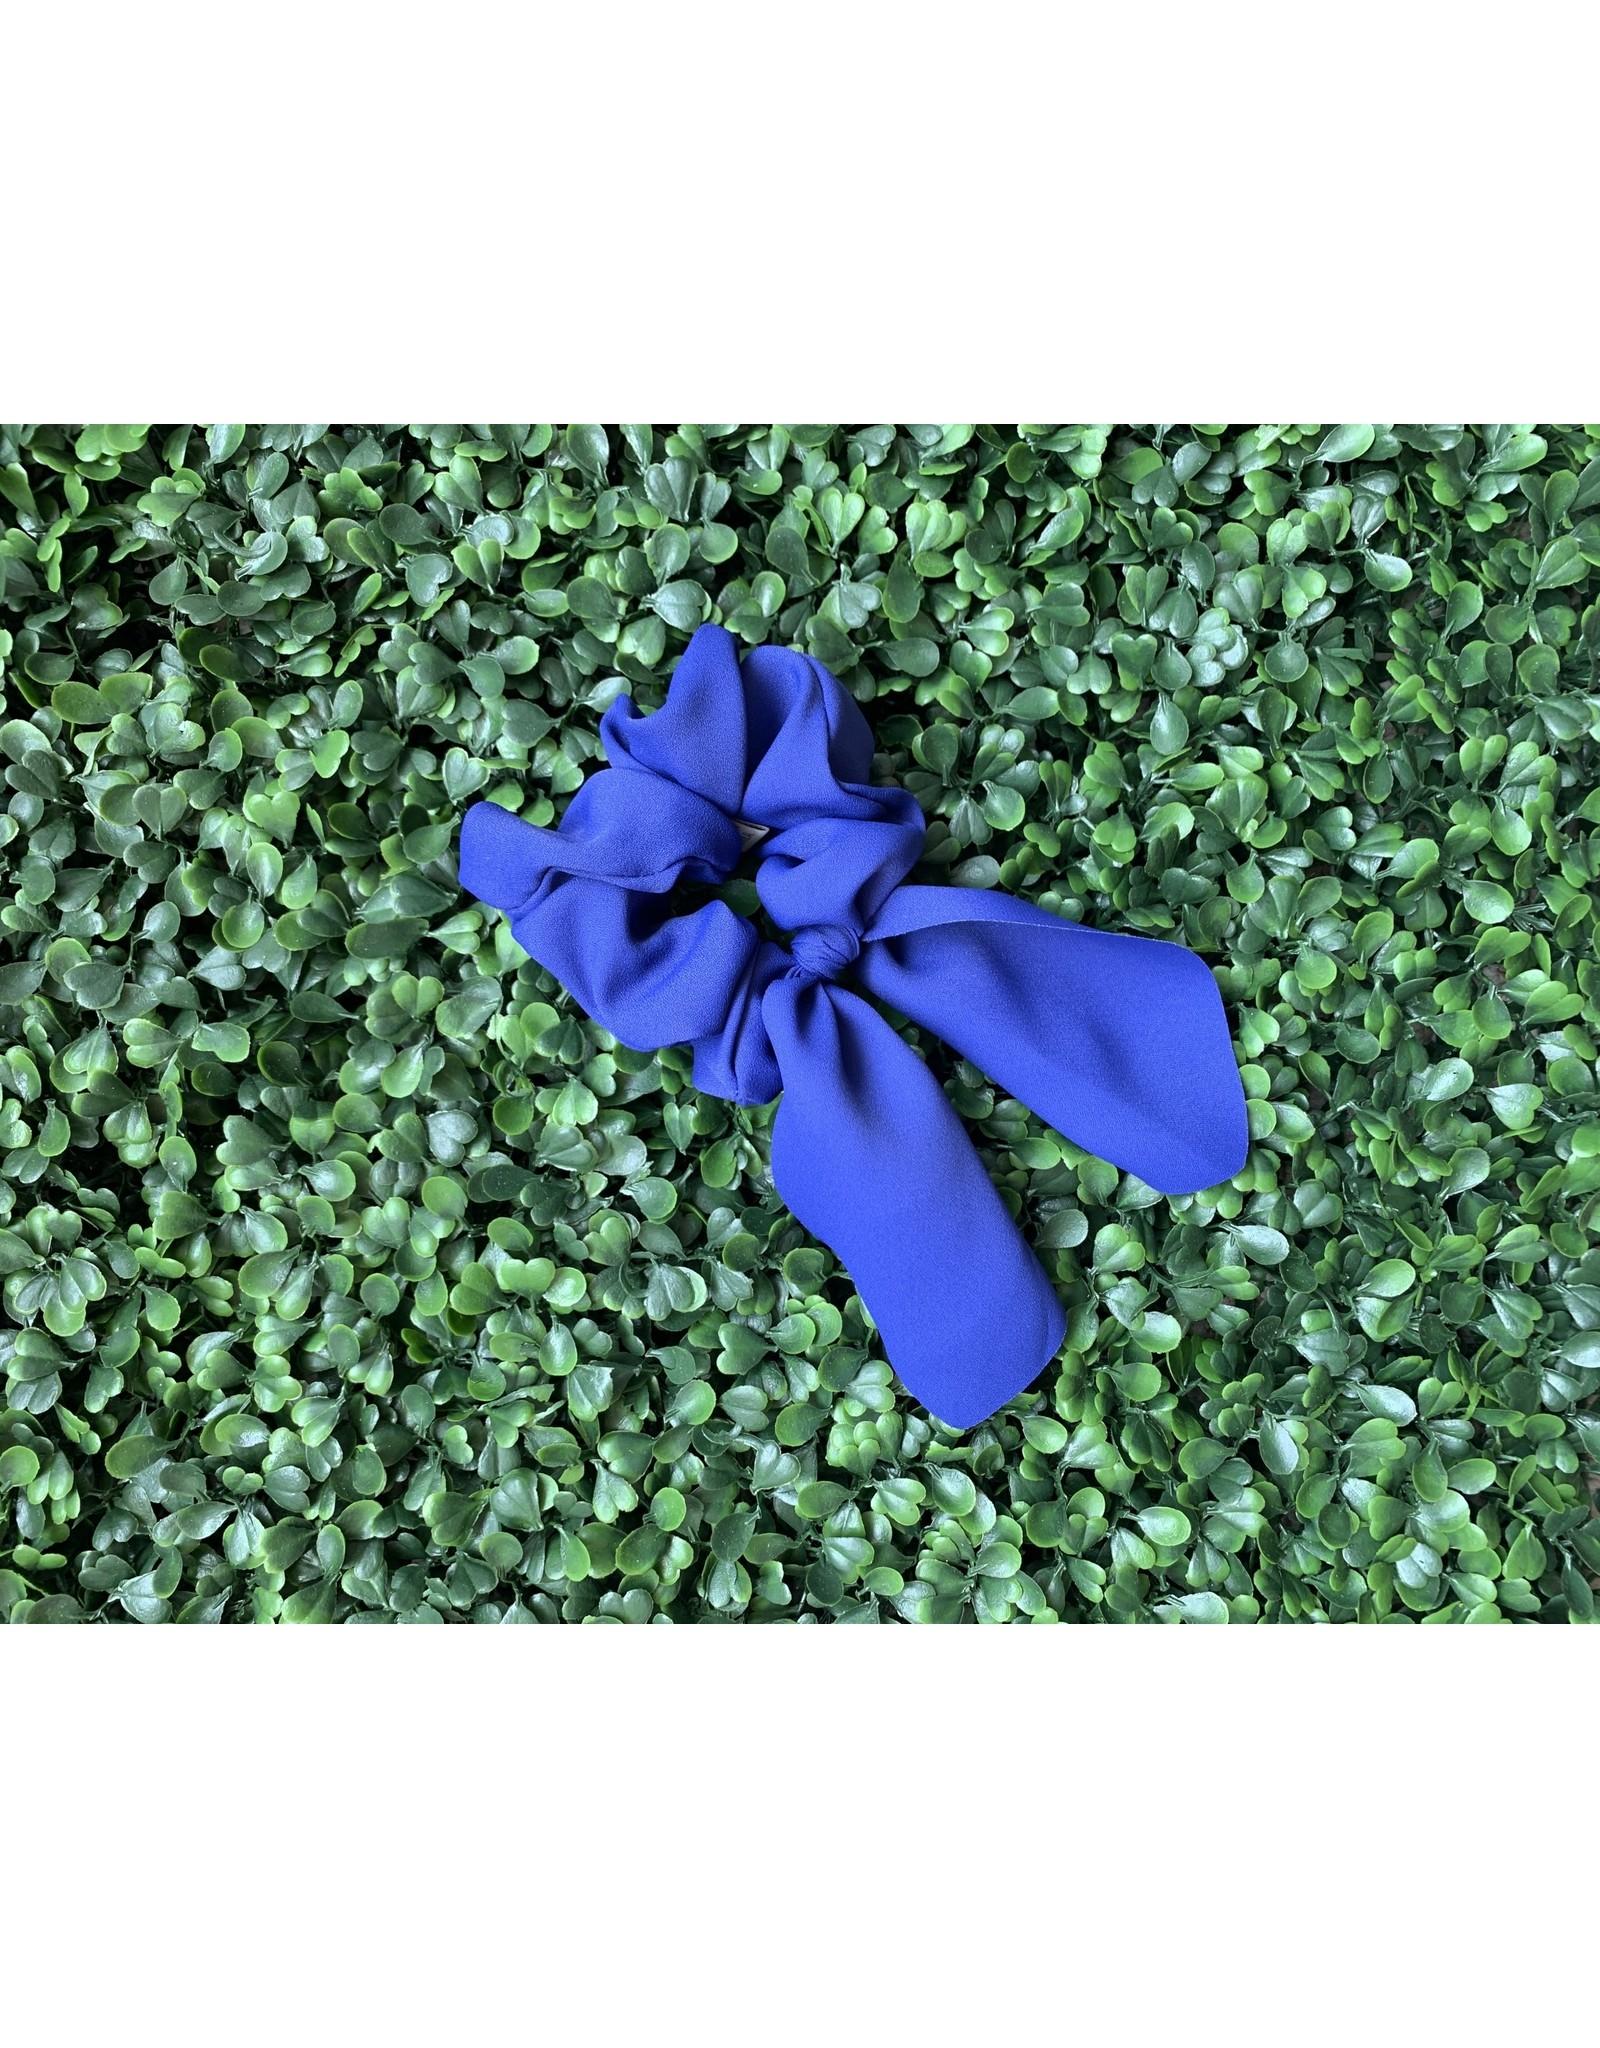 Silk Tie Scrunchie in Bright Blue